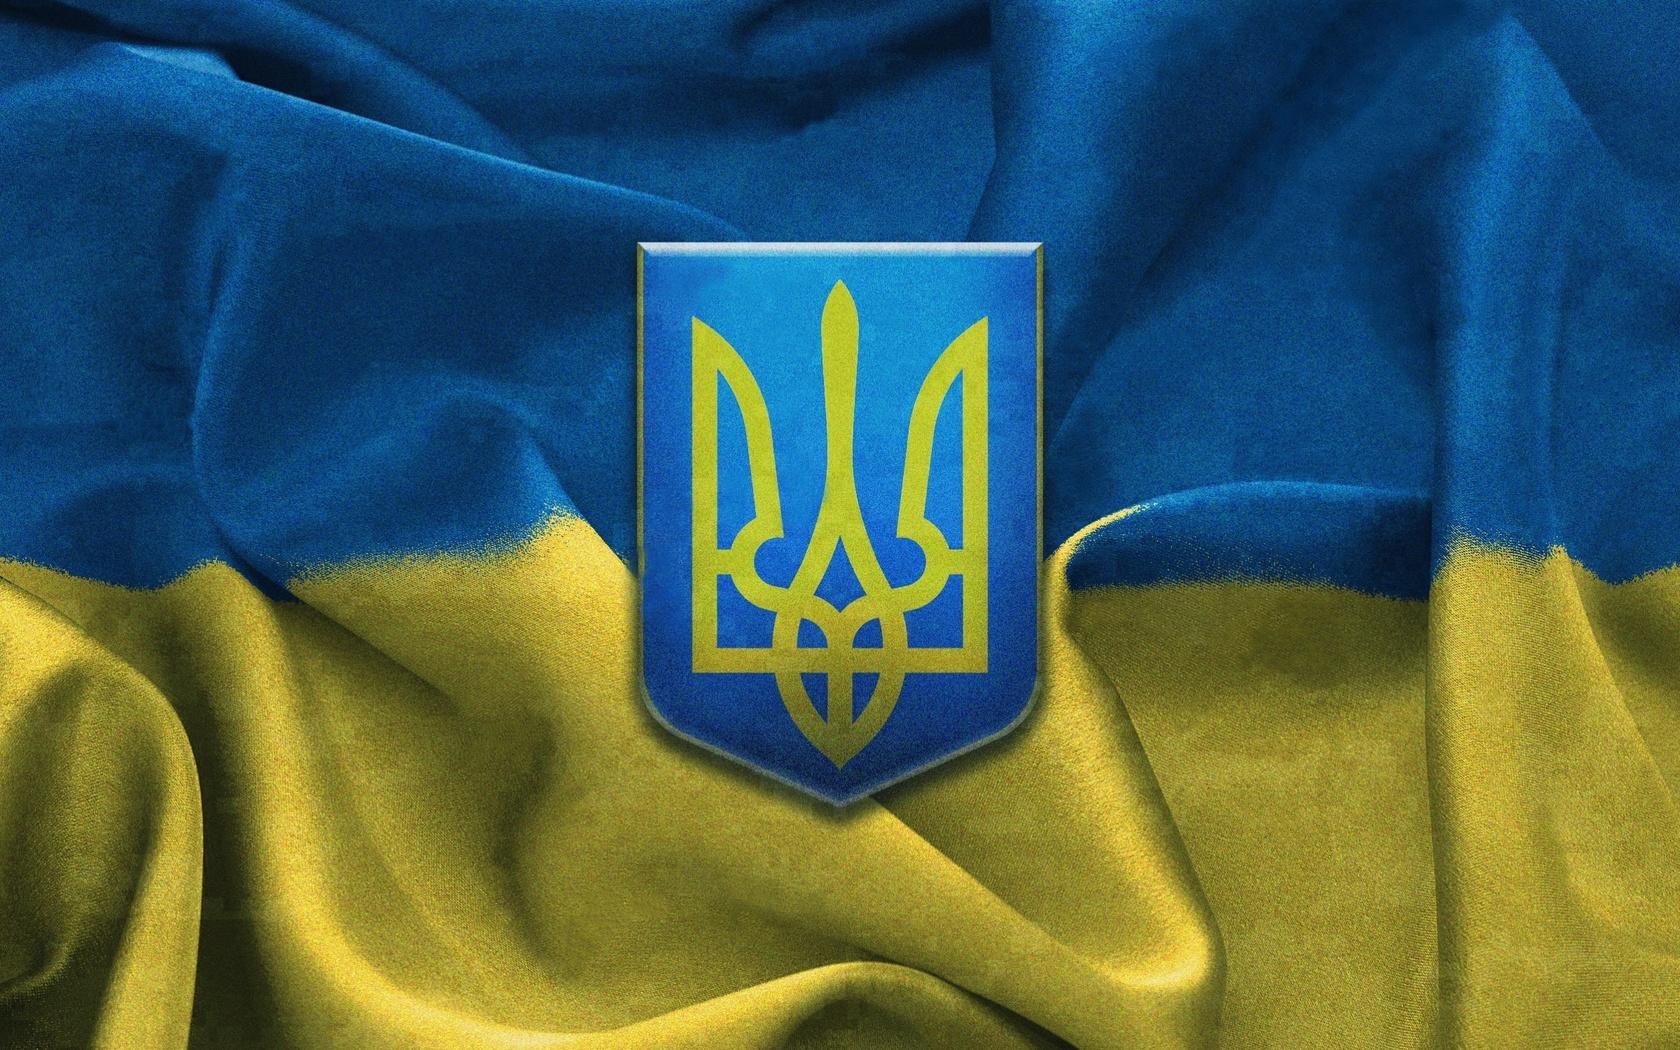 картинка на фоне украинского флага может